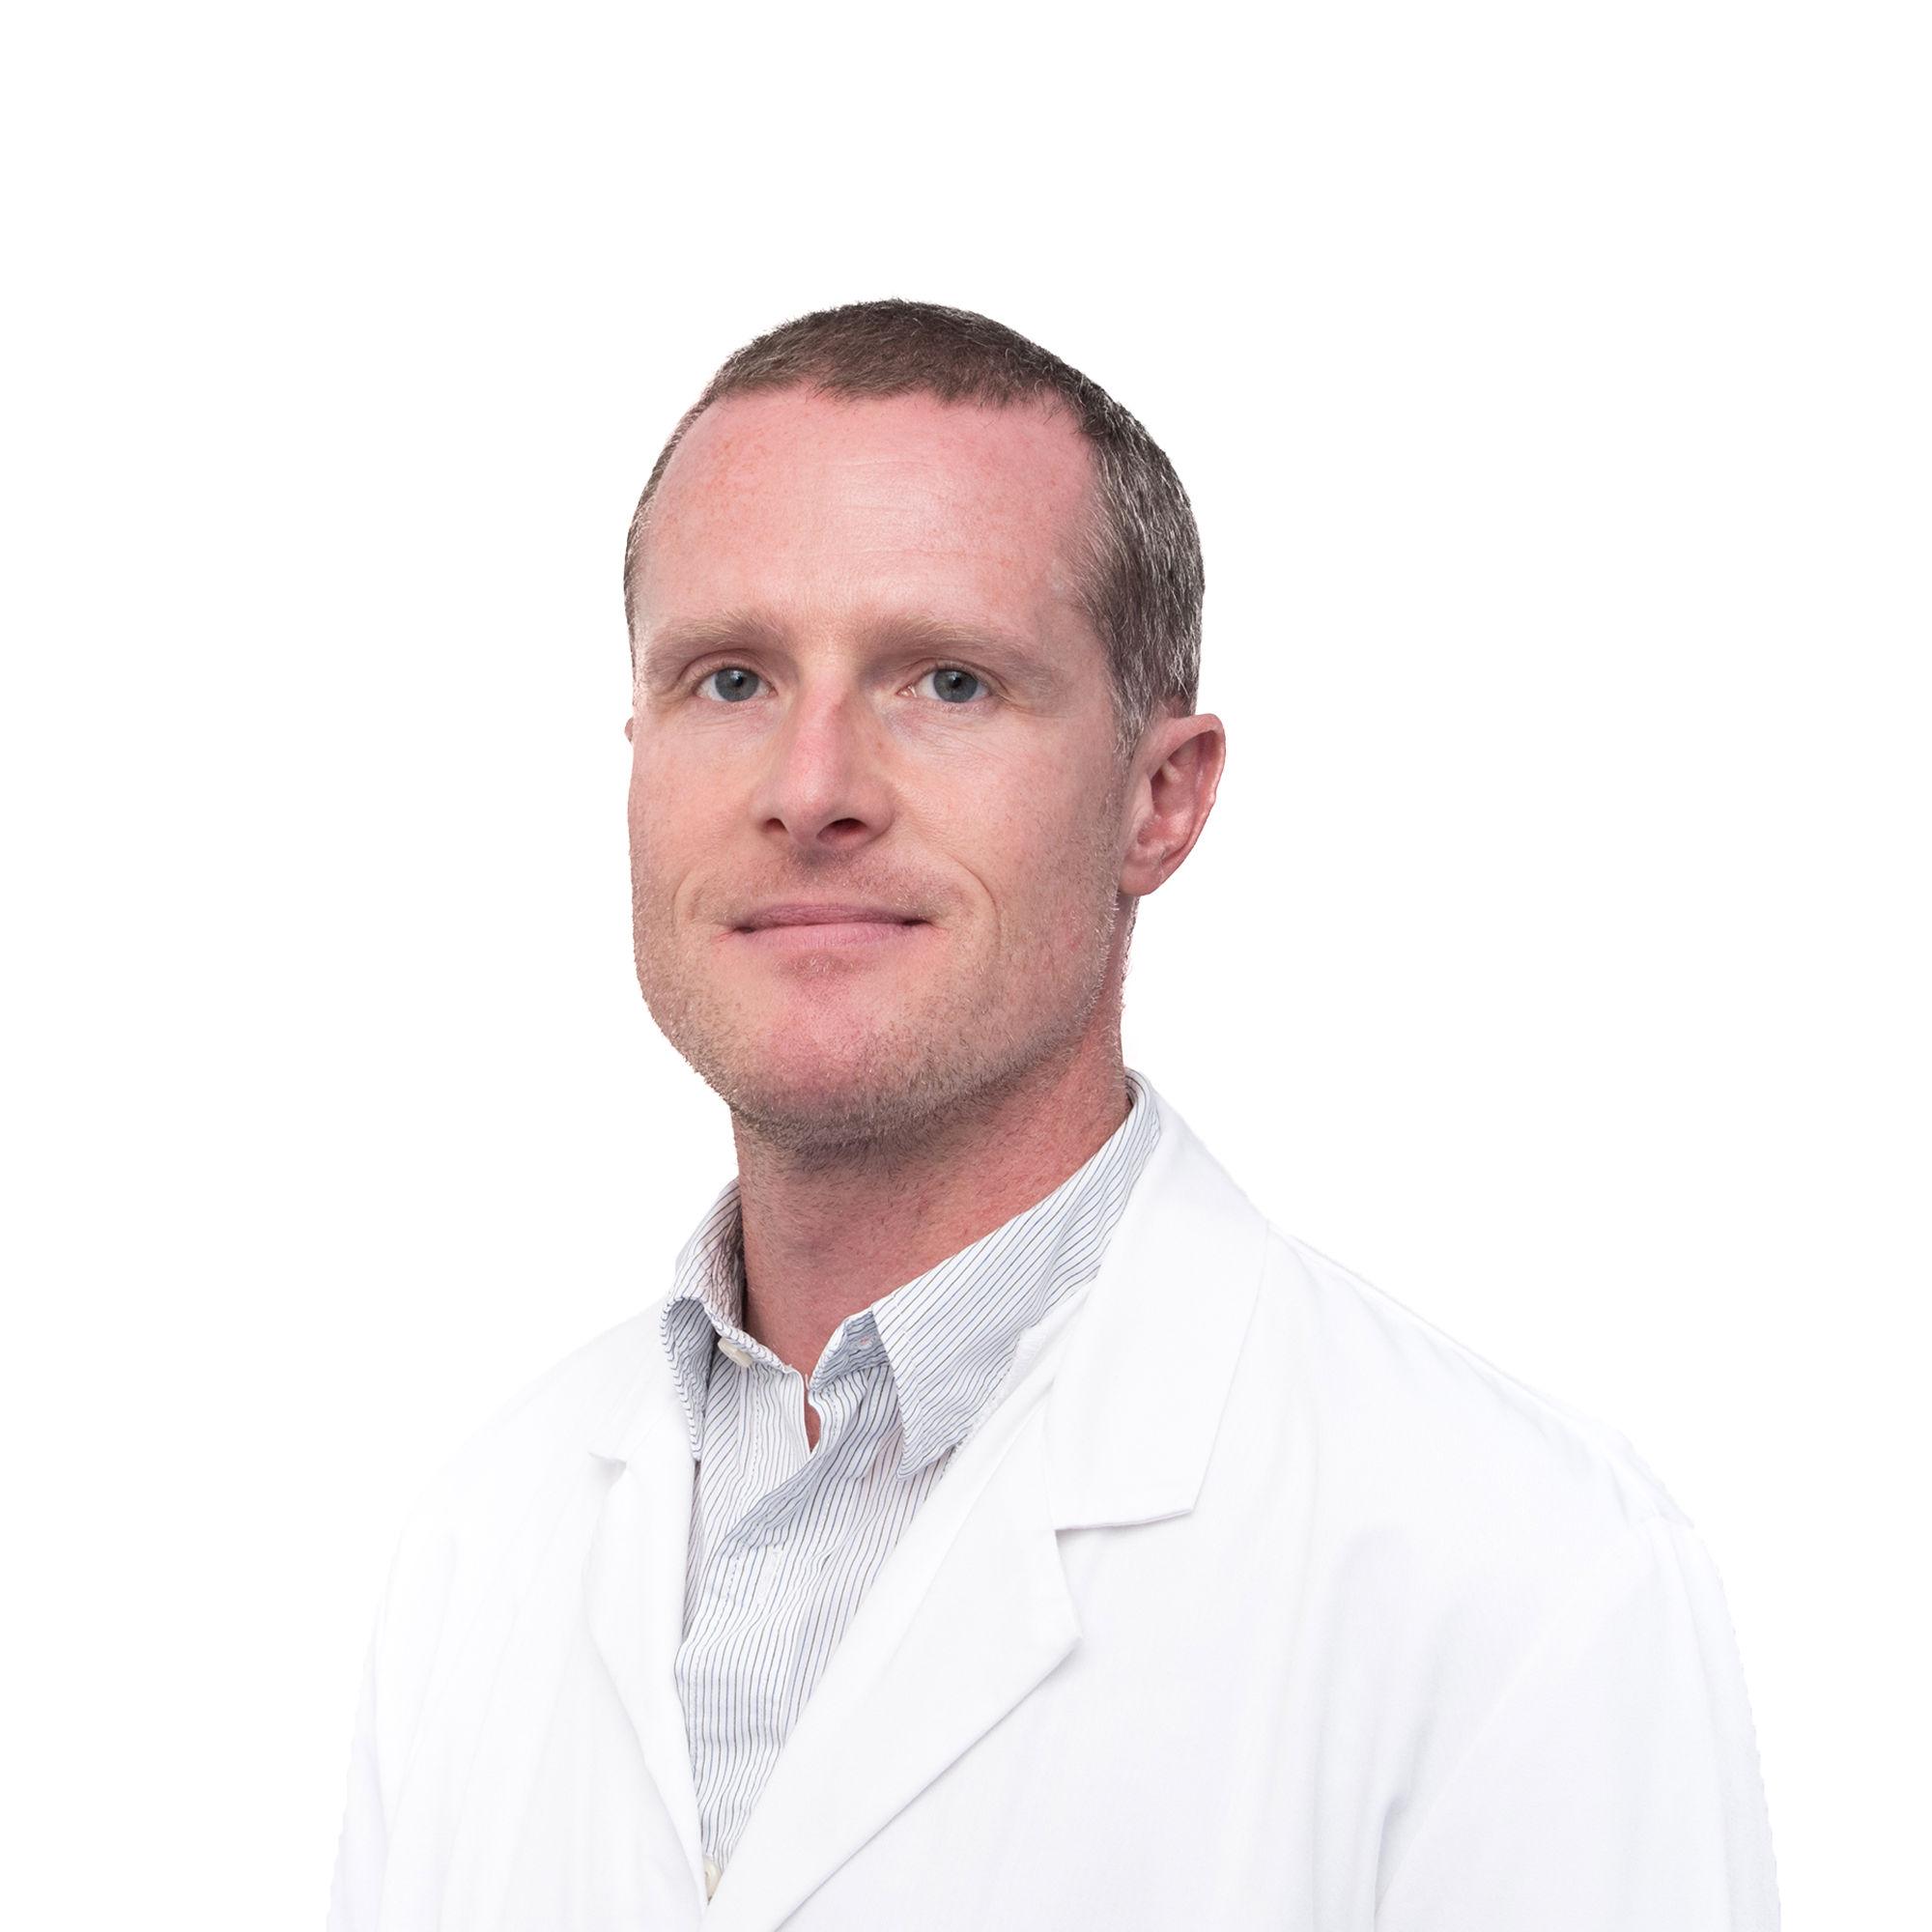 Terrefort - Imagerie médicale - Docteur Cabourdin Thomas